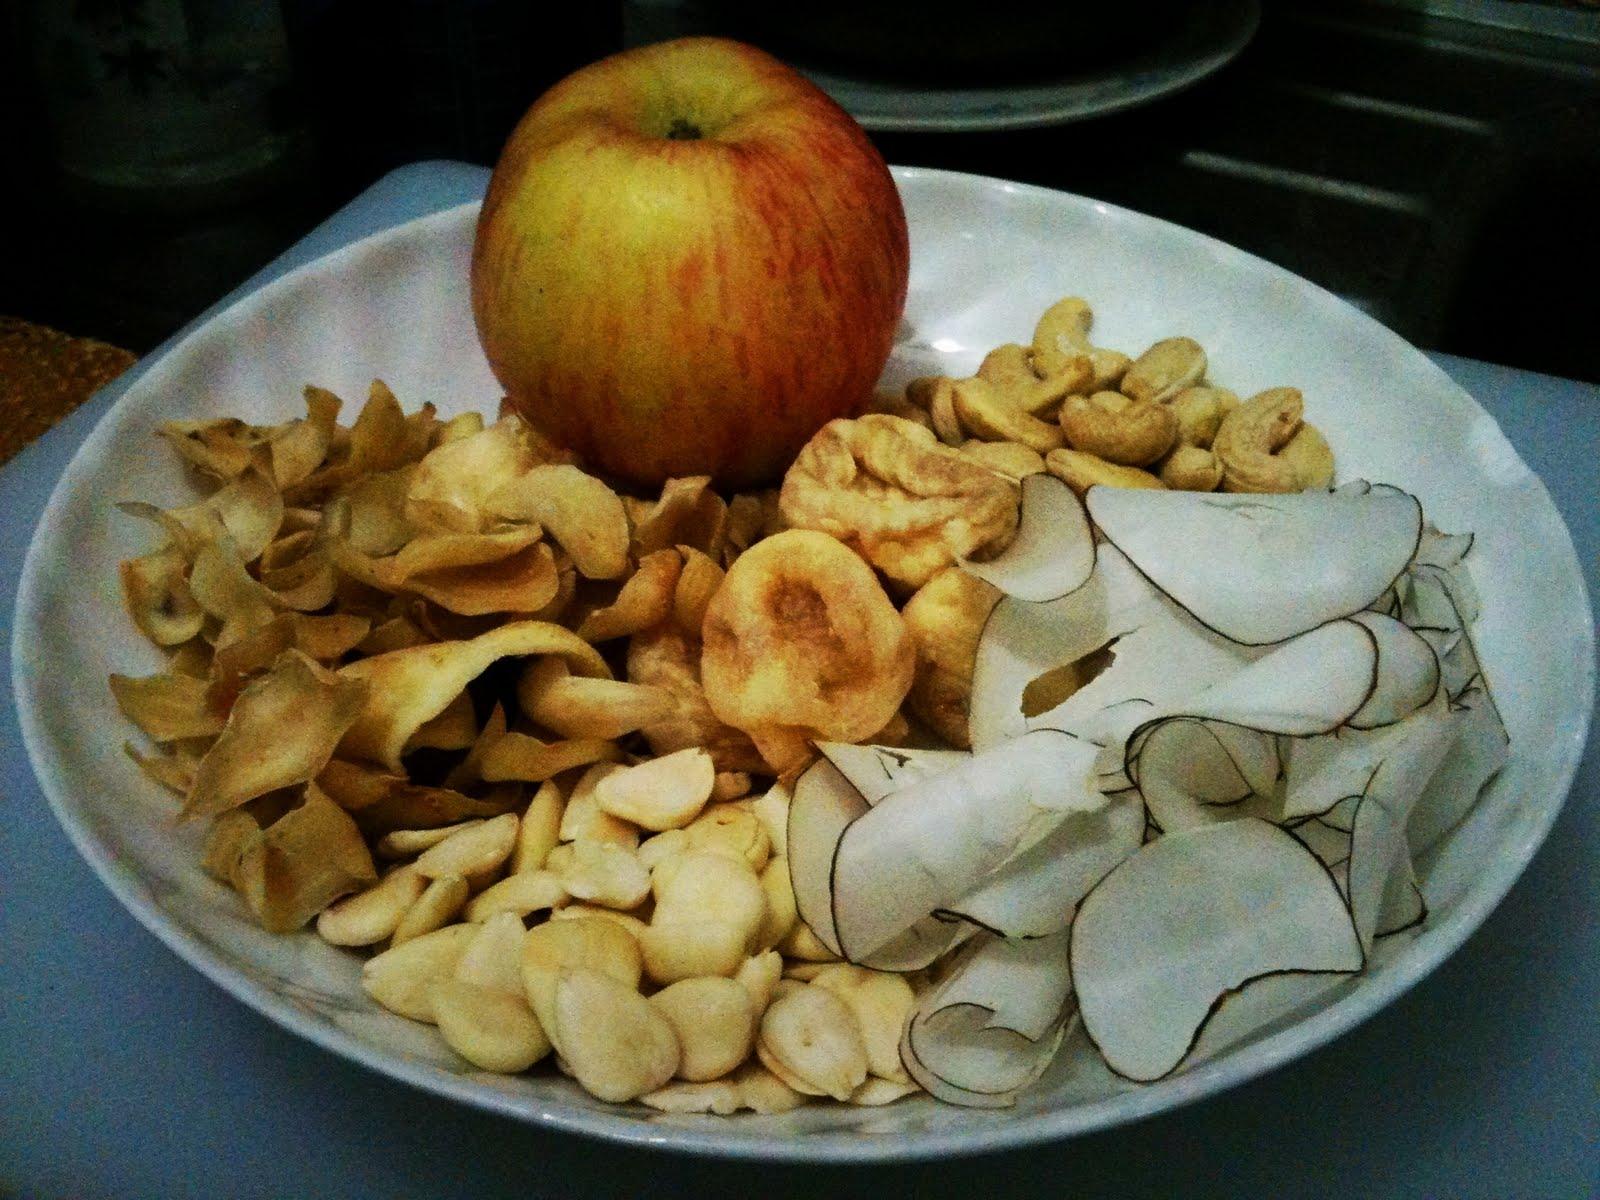 食之博客: 蘋果雪梨海底椰無花果湯